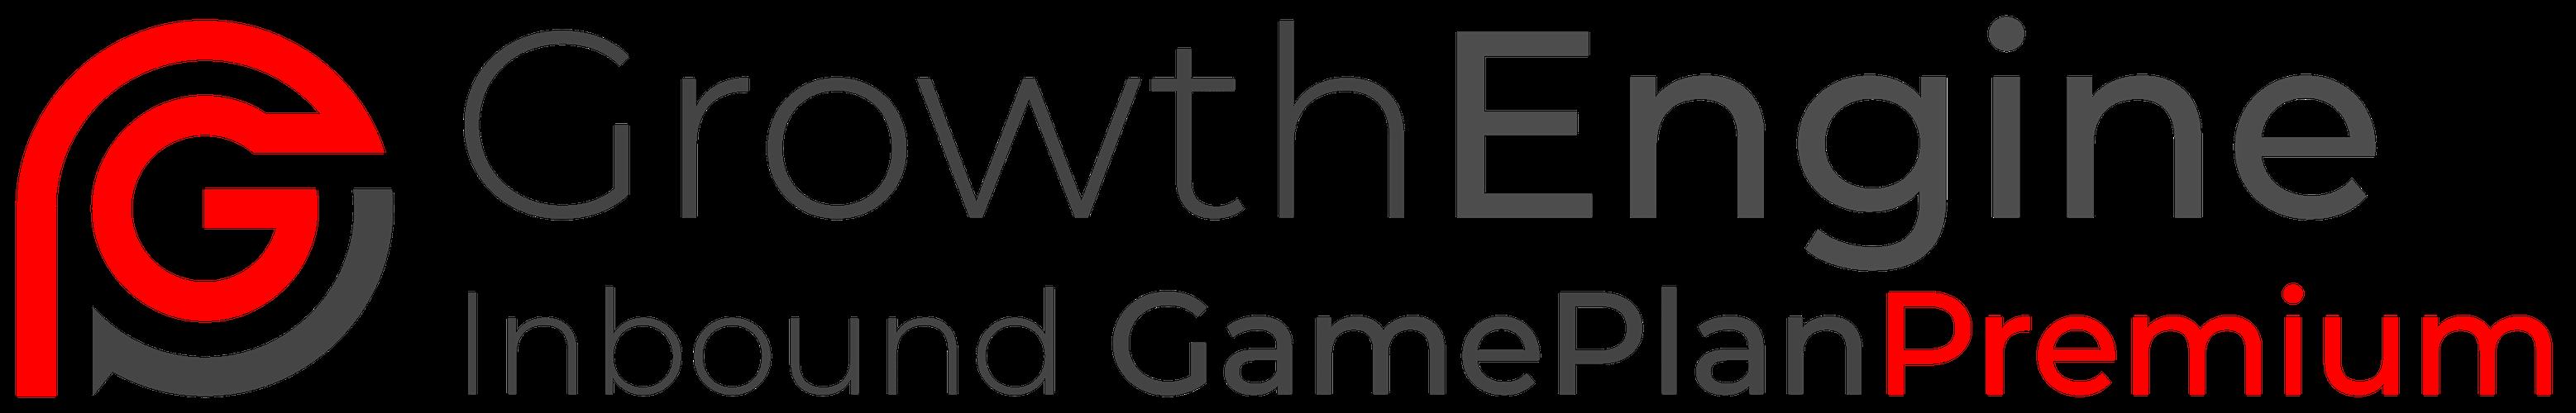 GrowthEngine - Inbound GamePlan Premium